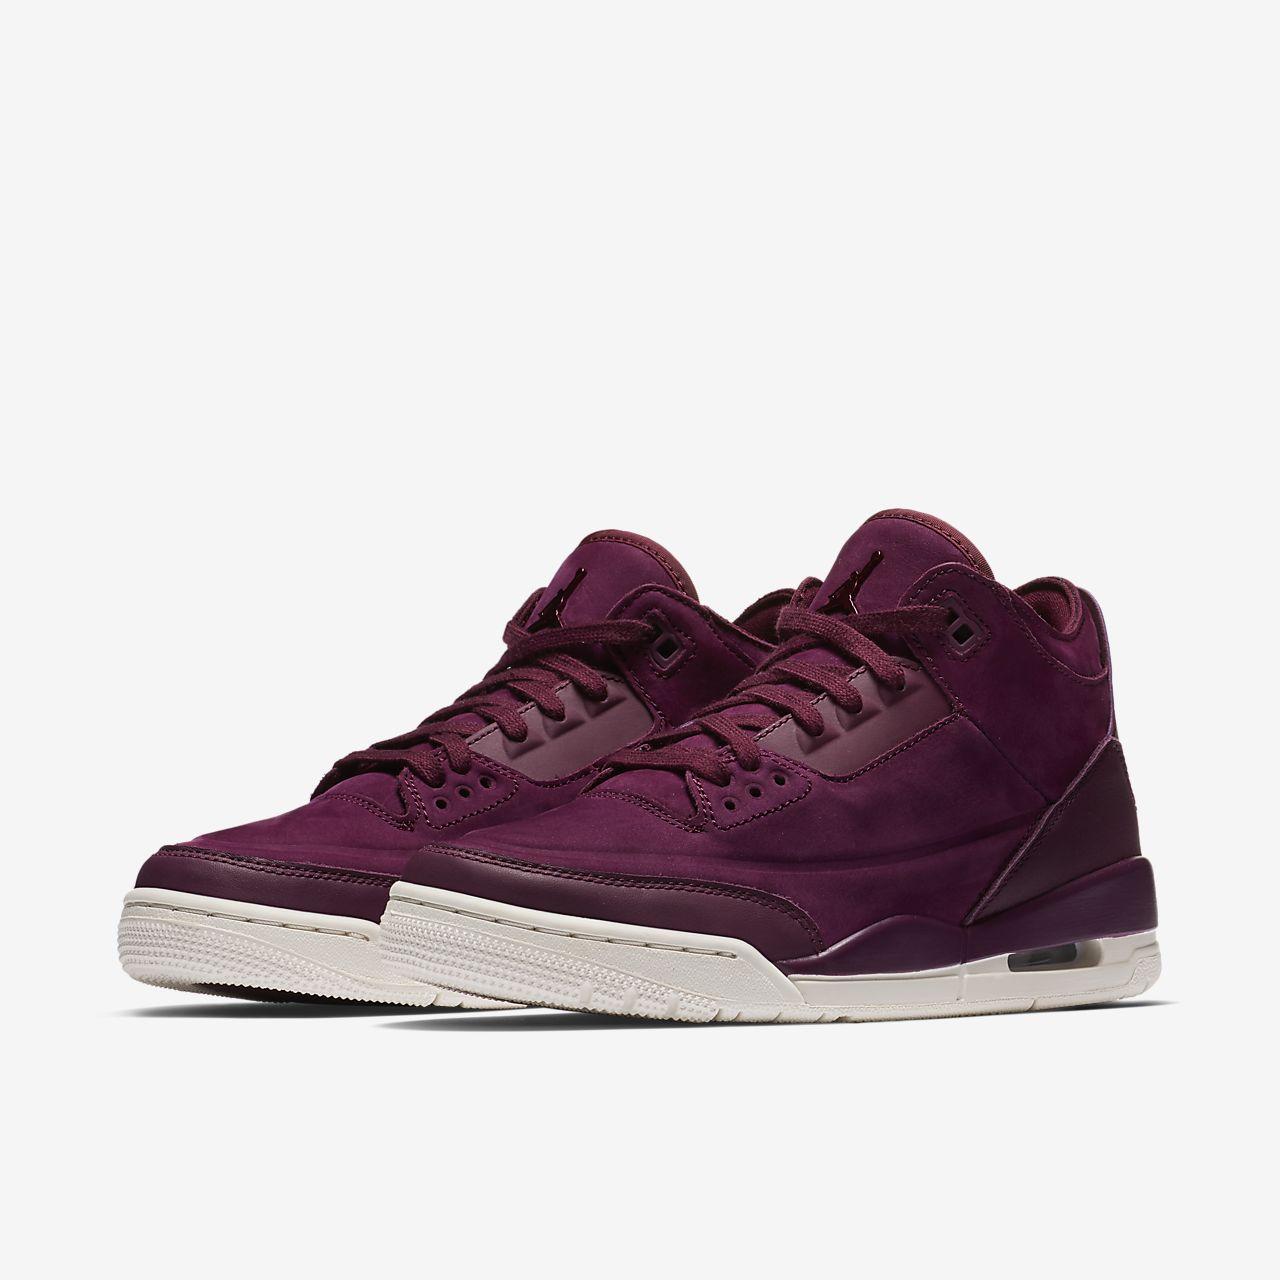 2e68a1883ecd Air Jordan 3 Retro SE Women s Shoe. Nike.com IE